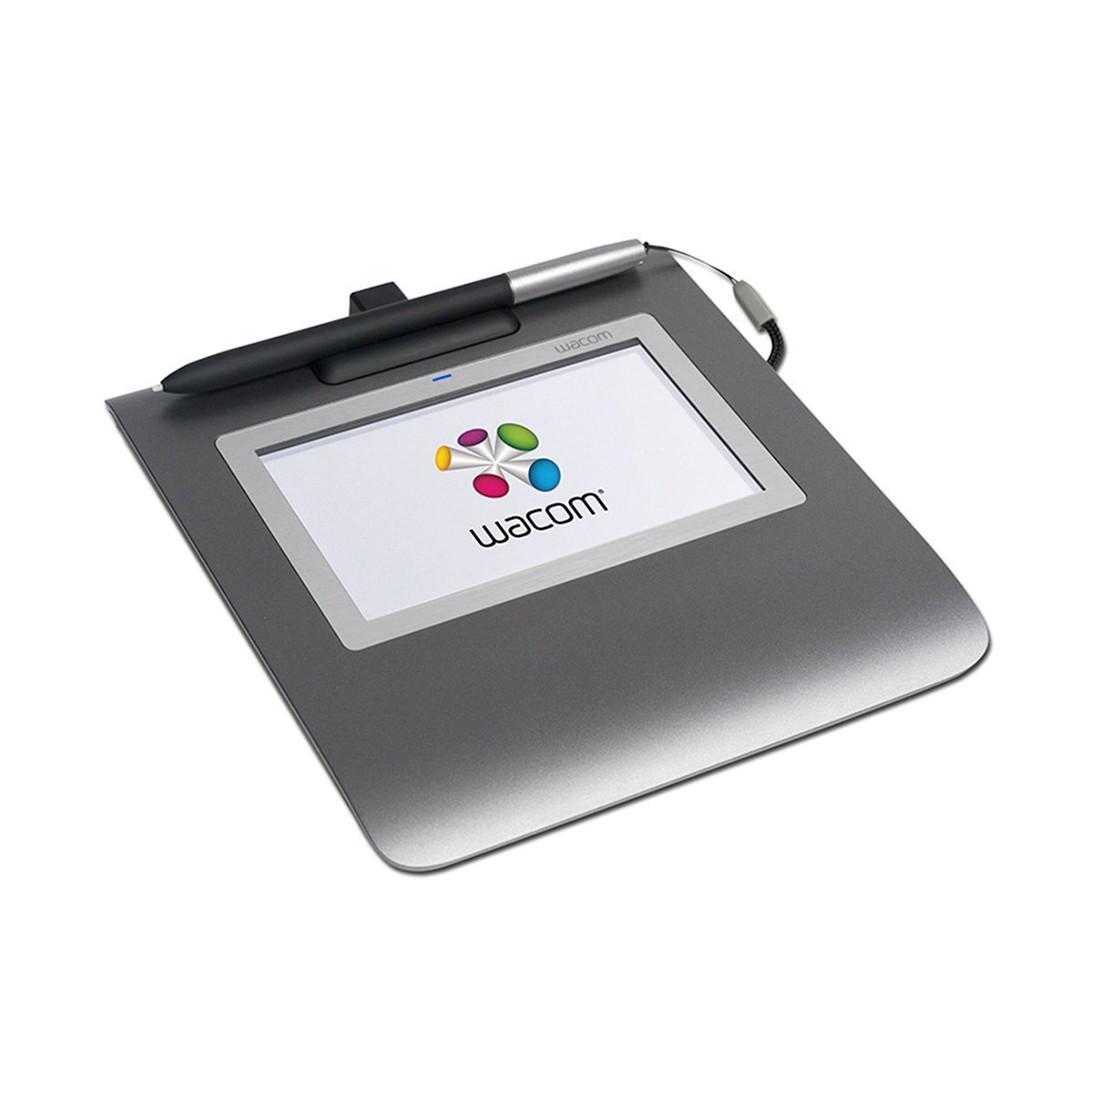 Графический Планшет для цифровой подписи Wacom LCD Signature Tablet (STU-530-CH)